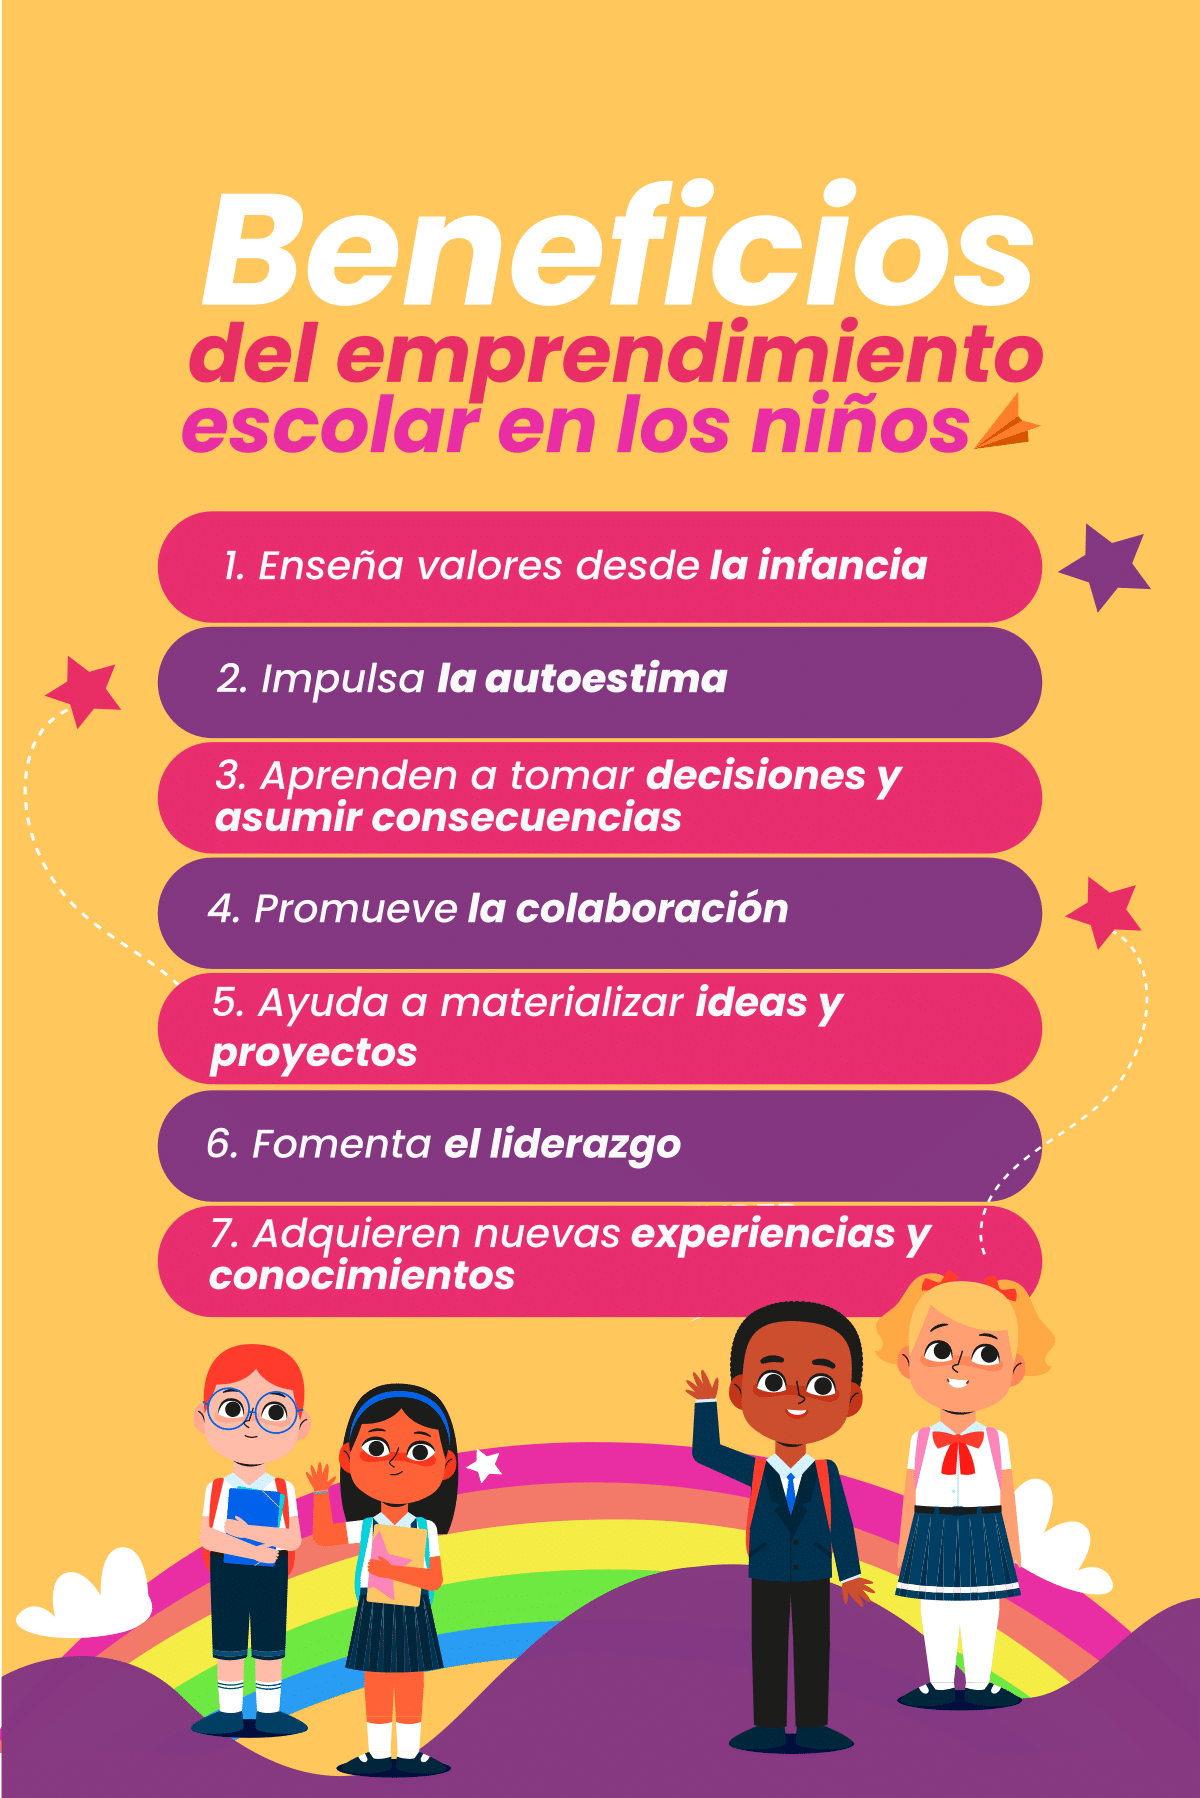 Beneficios del emprendimiento escolar en los niños.